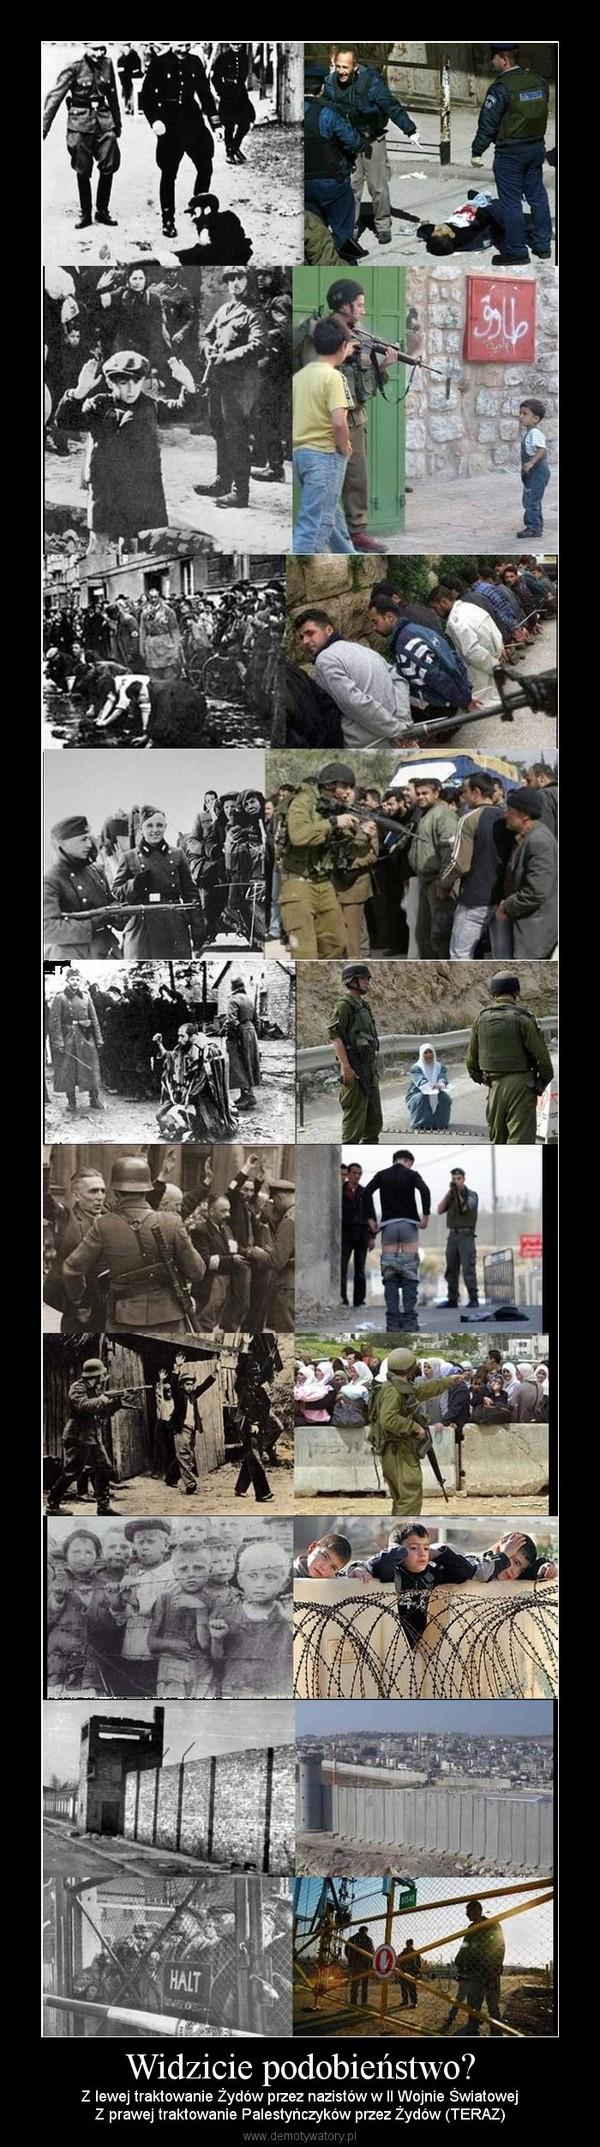 Widzicie podobieństwo? – Z lewej traktowanie Żydów przez nazistów w II Wojnie ŚwiatowejZ prawej traktowanie Palestyńczyków przez Żydów (TERAZ)